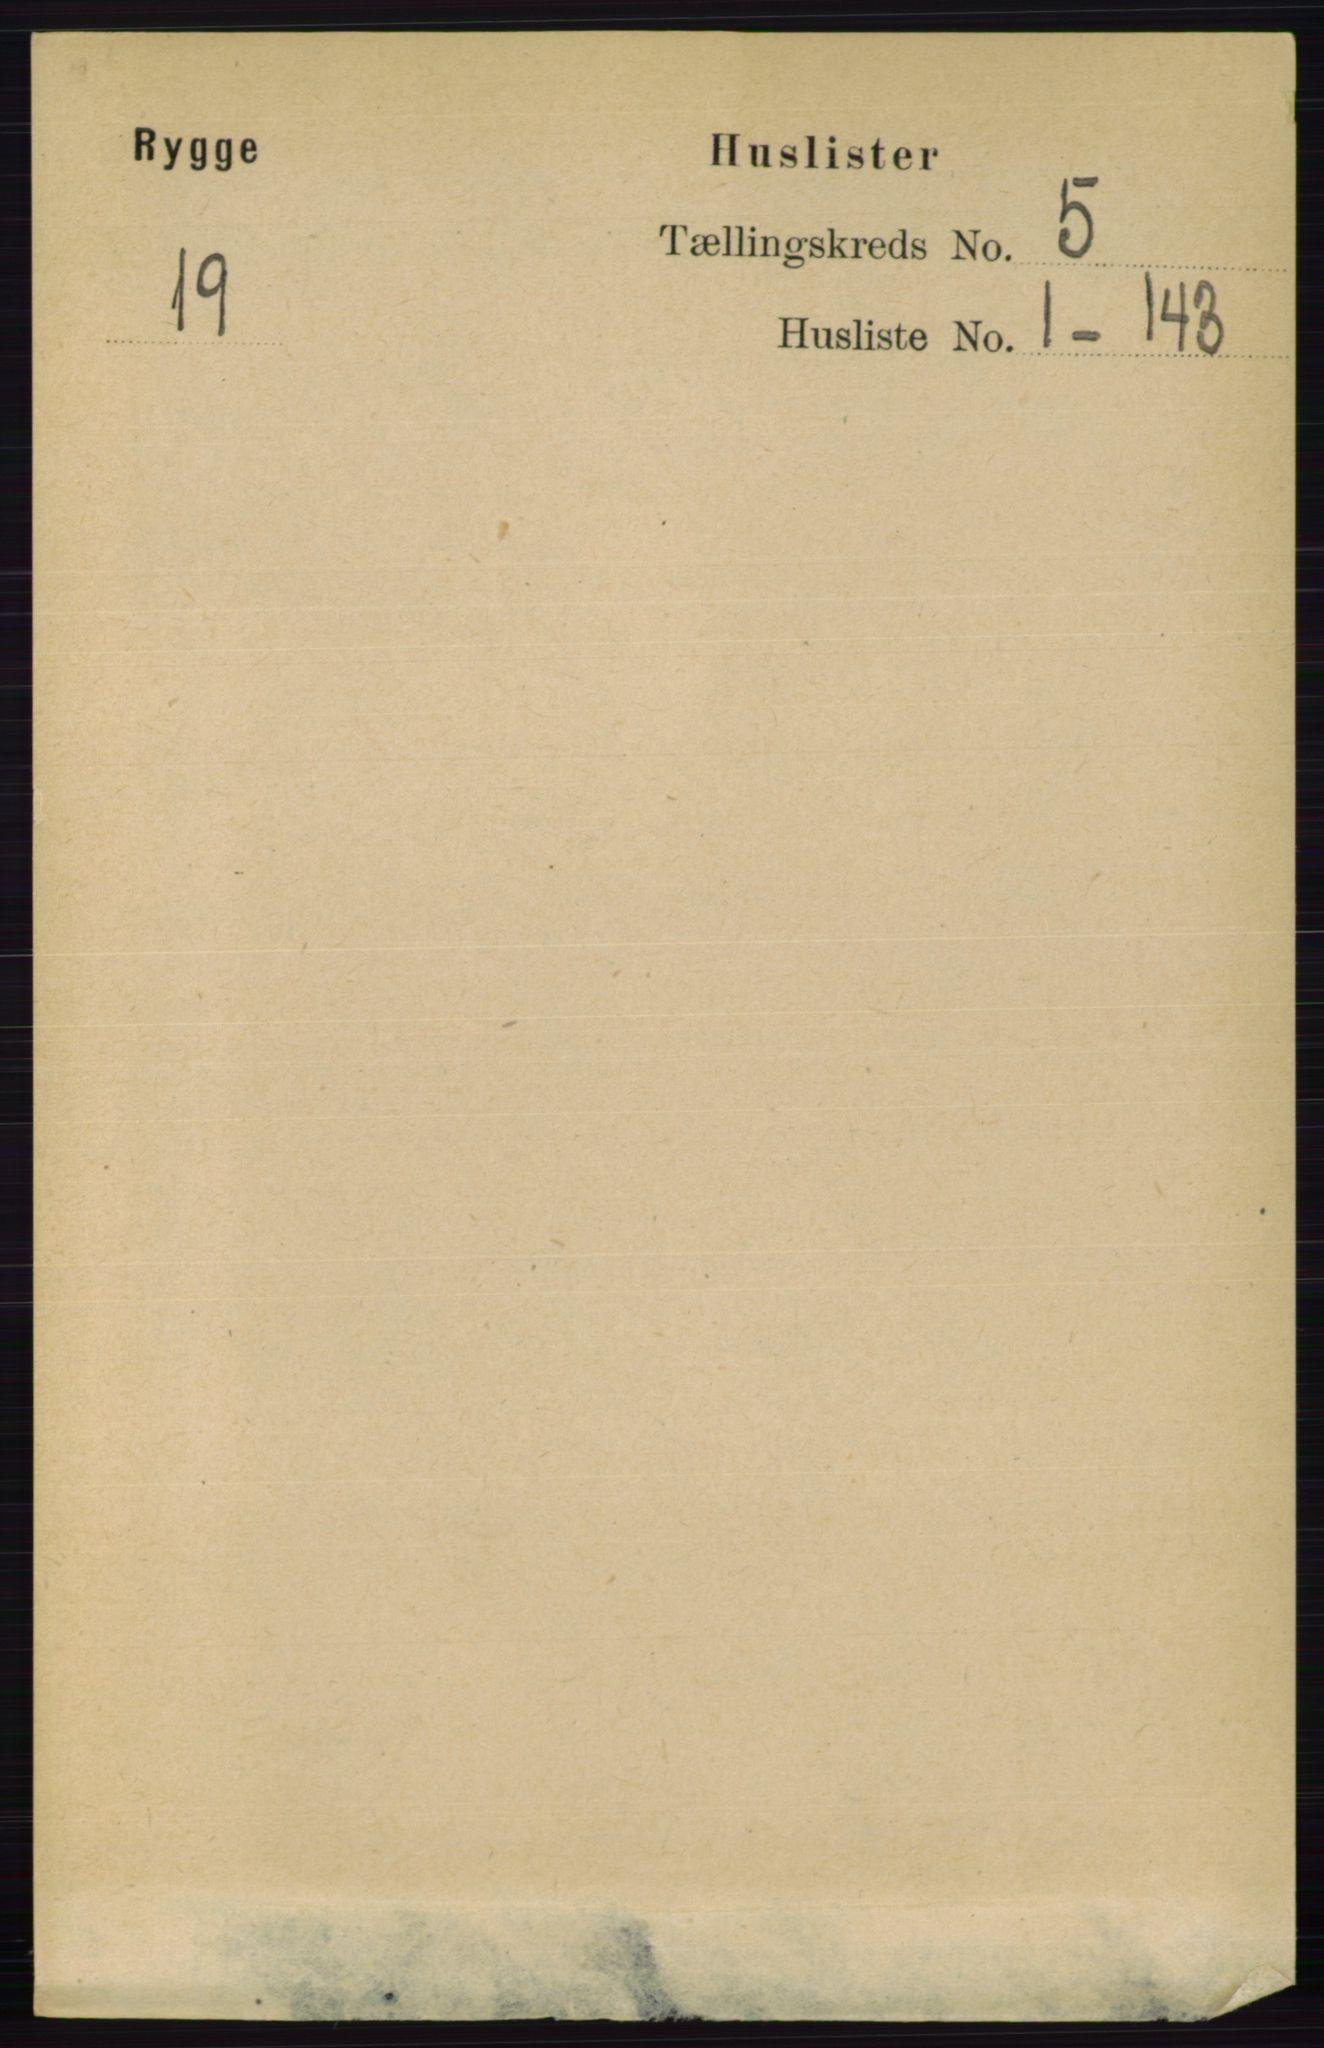 RA, Folketelling 1891 for 0136 Rygge herred, 1891, s. 2687